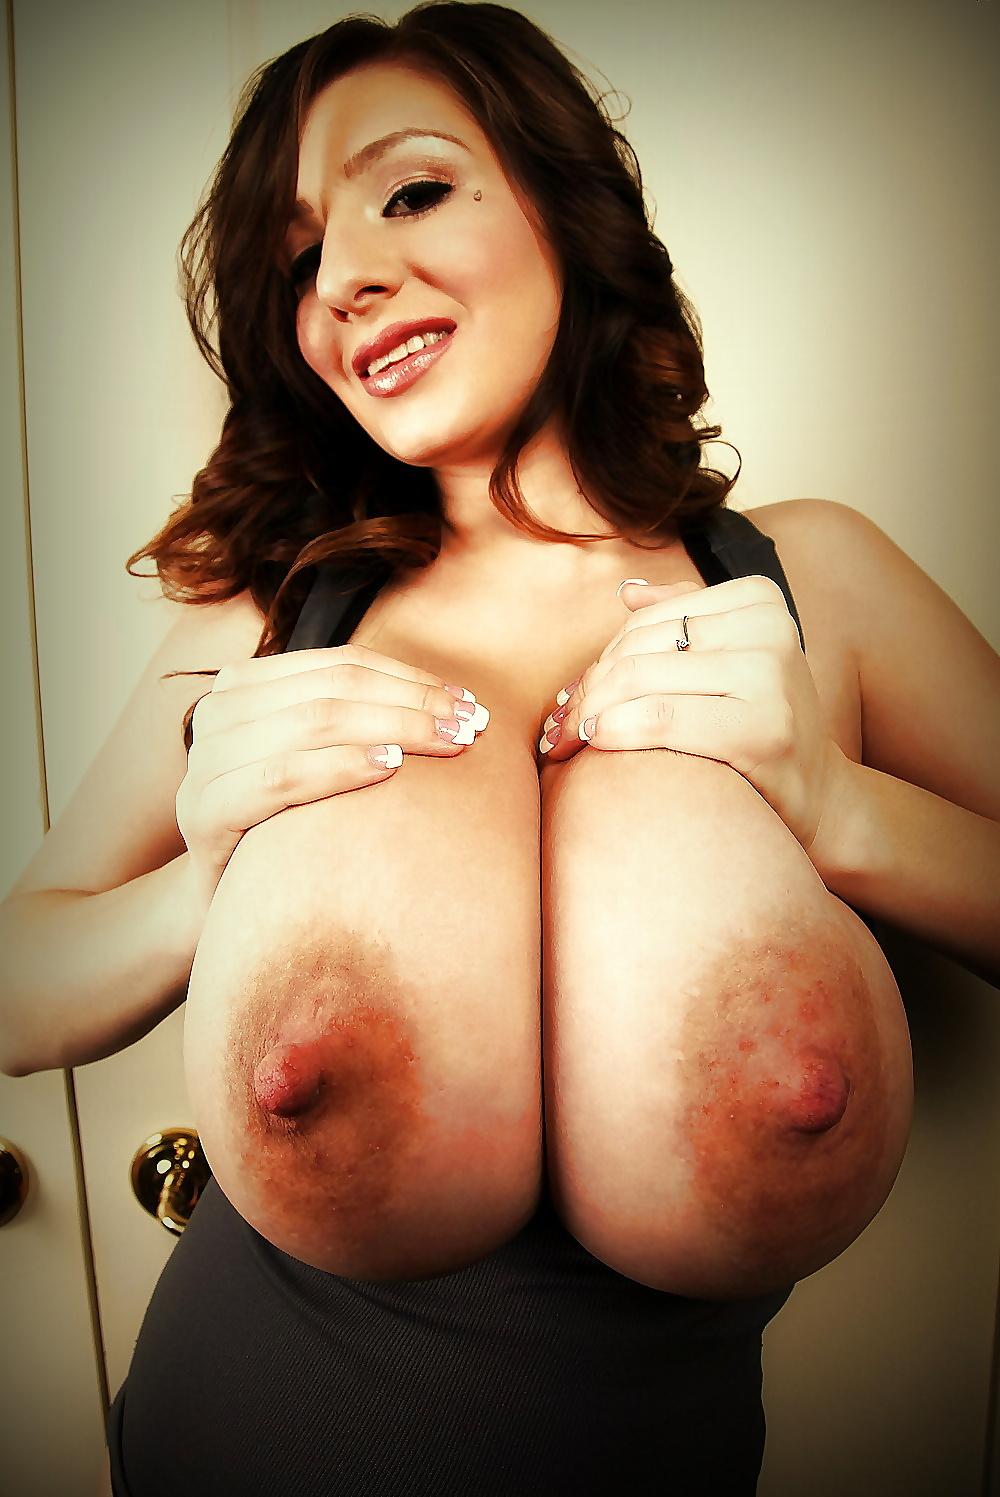 My beloved boobs